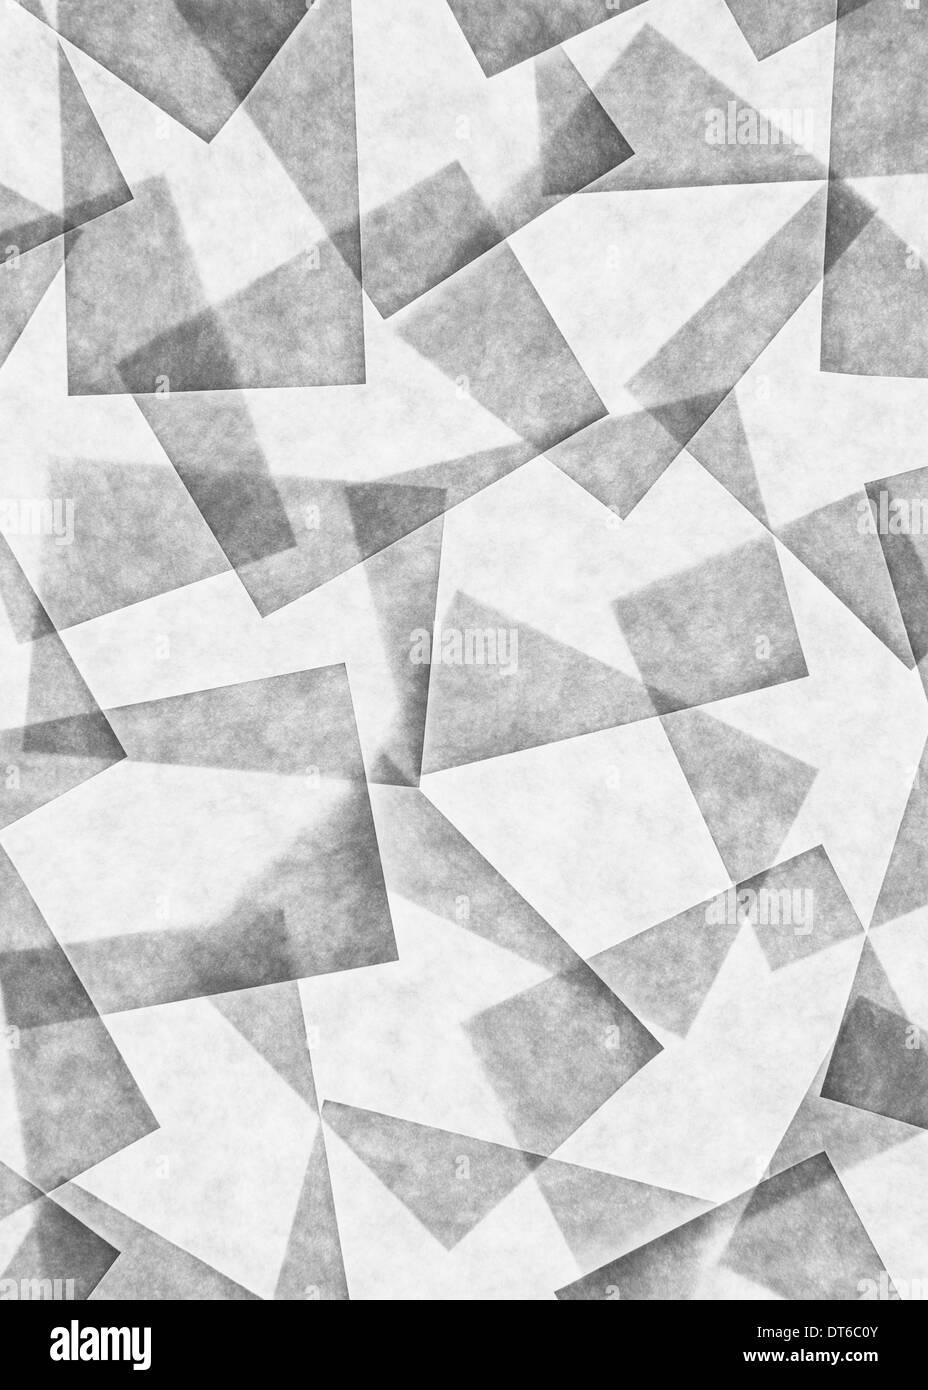 Post-it notes arreglada y superposición, encima de una fuente de luz. Imagen De Stock